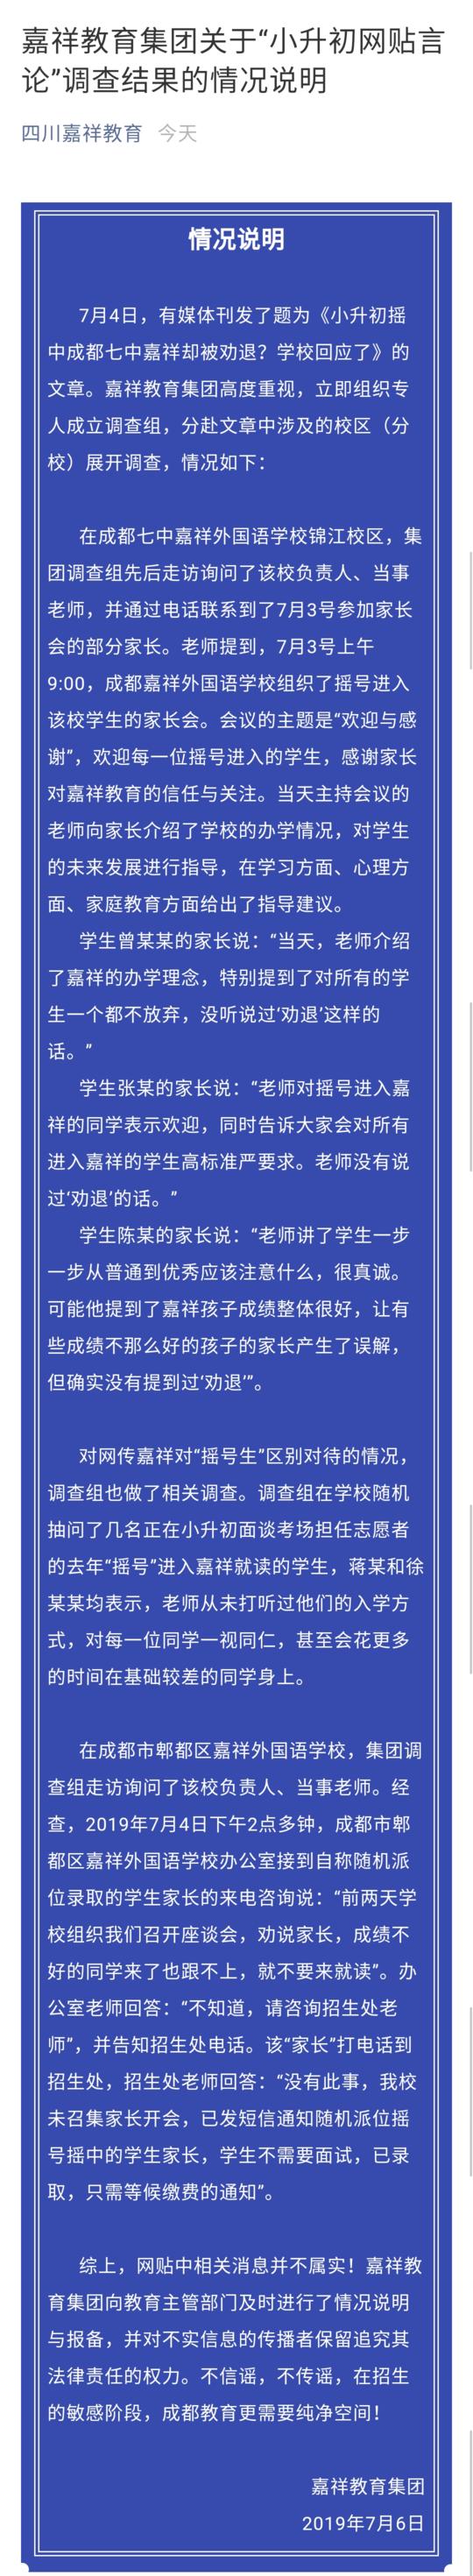 四川嘉祥教育集团7月6日凌晨发情况说明